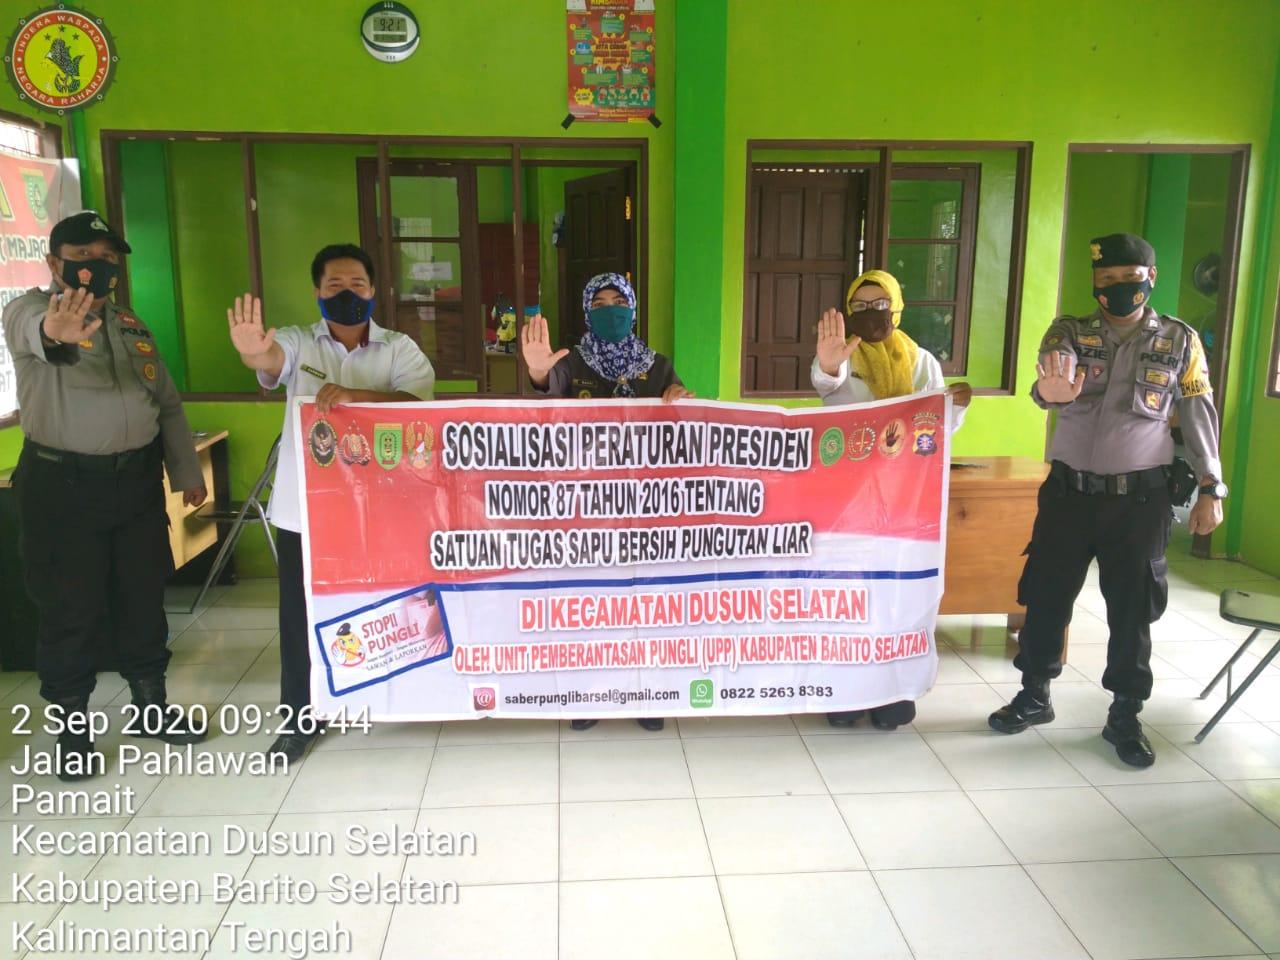 Ajak Cegah Pungli, Personel Polsek Dusel Laksanakan Sosialisasi Perpres Nomor 87 Tahun 2016